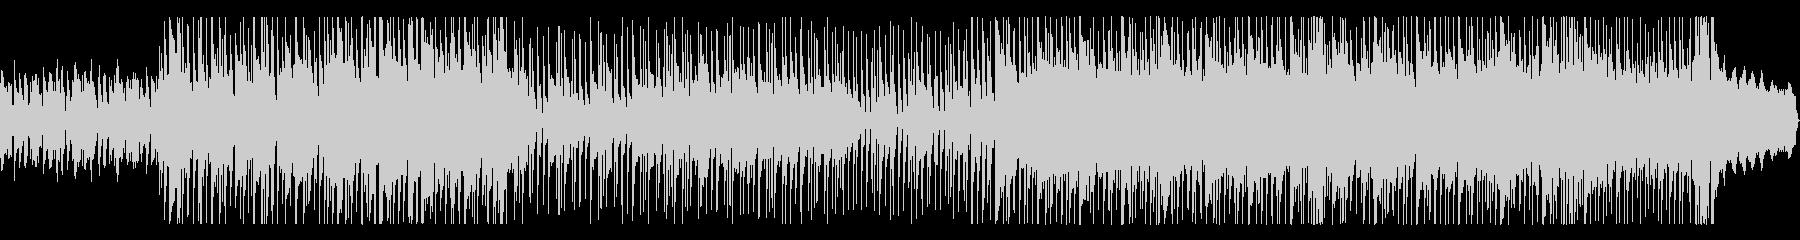 クールでテクニカルなロックサウンドの未再生の波形